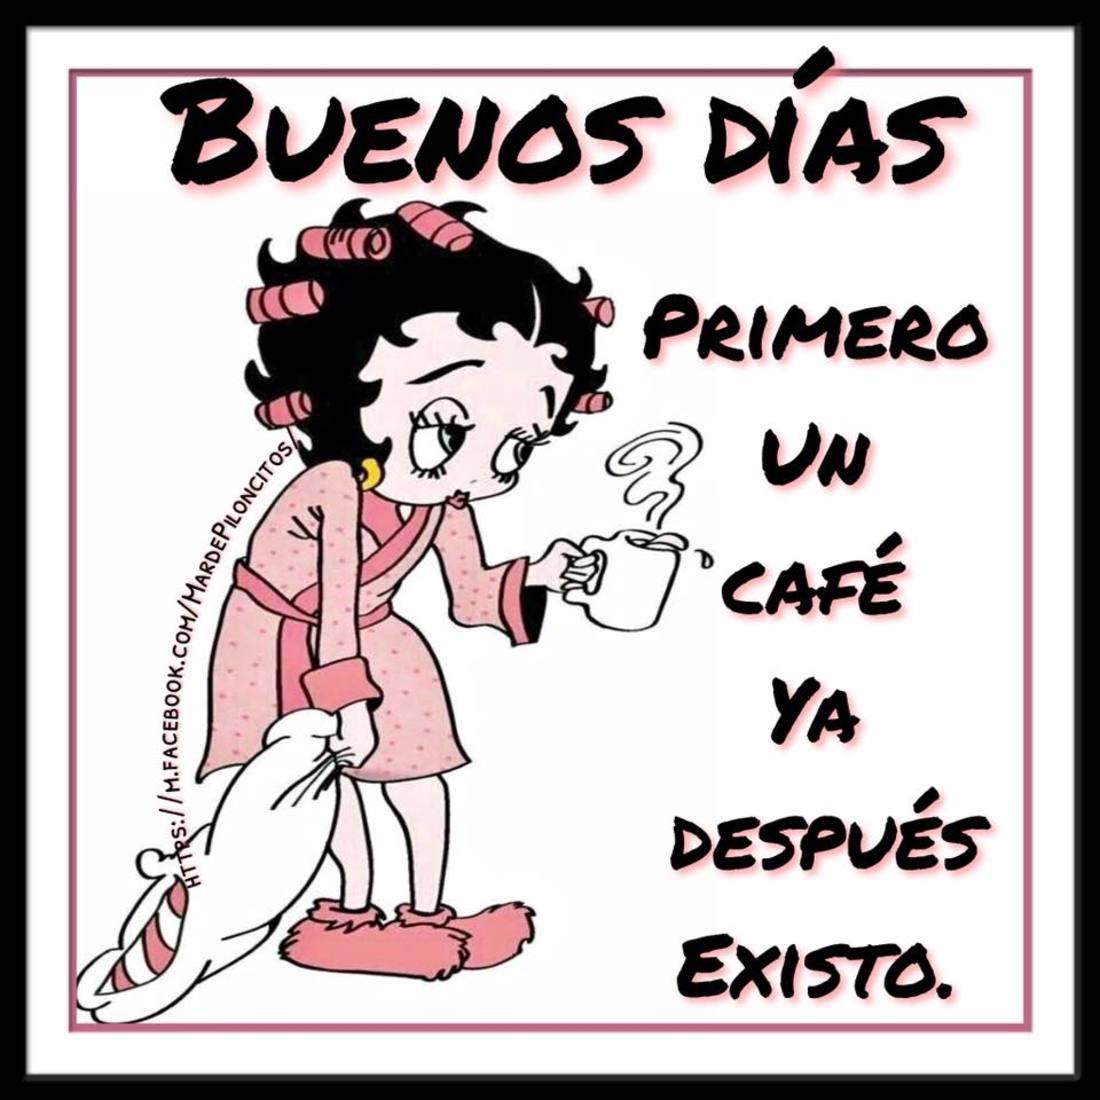 Buenos días, primero un café ya después existo.